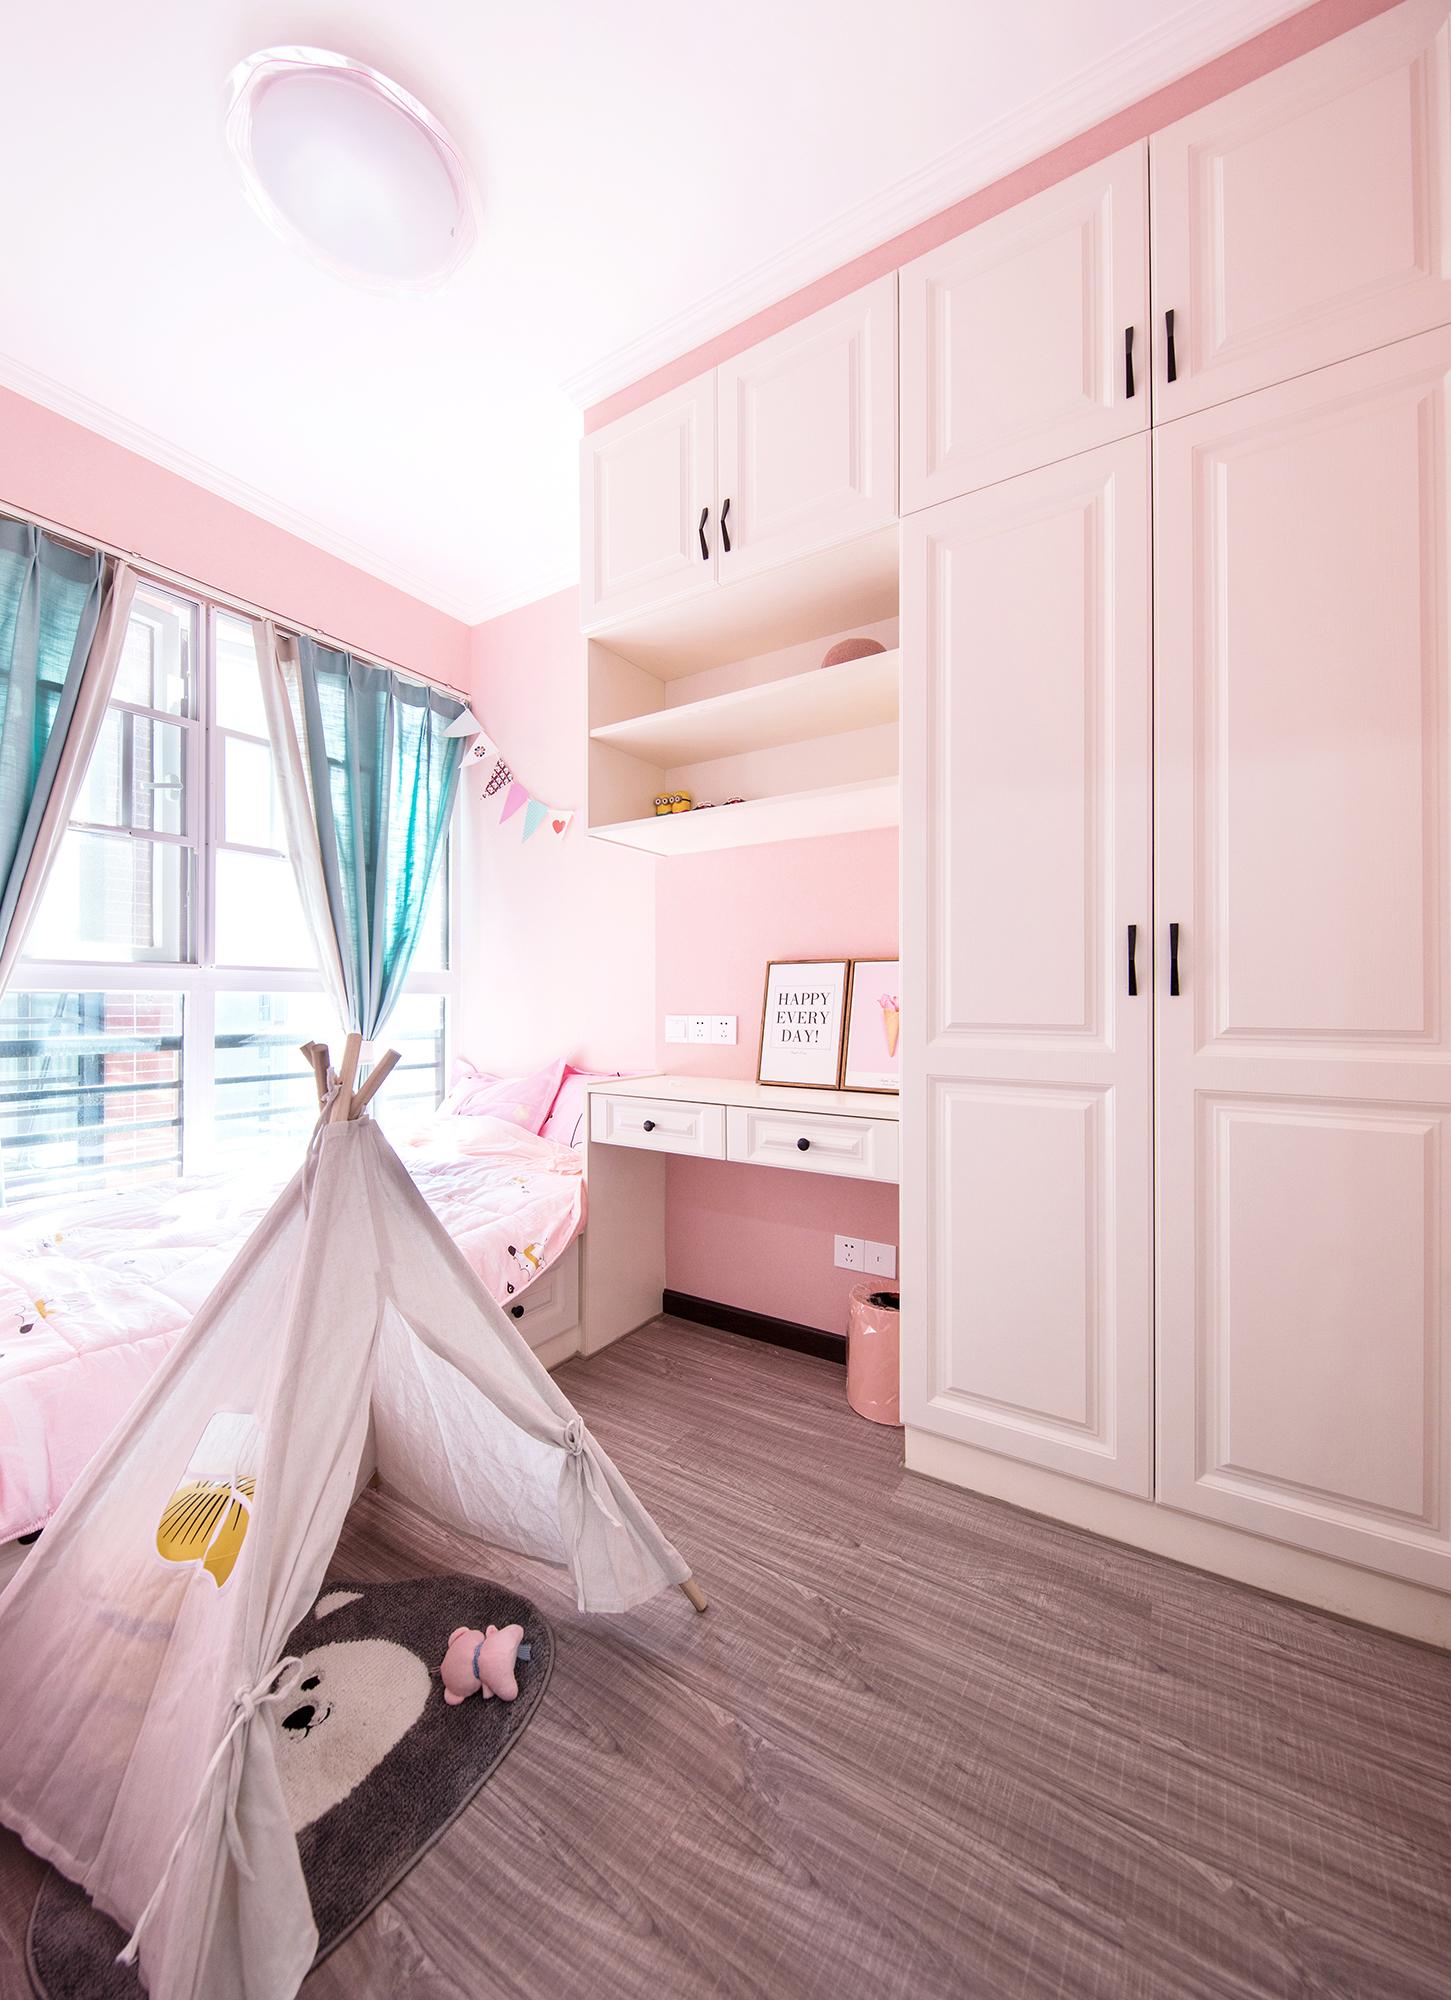 89㎡北欧风格儿童房装修效果图